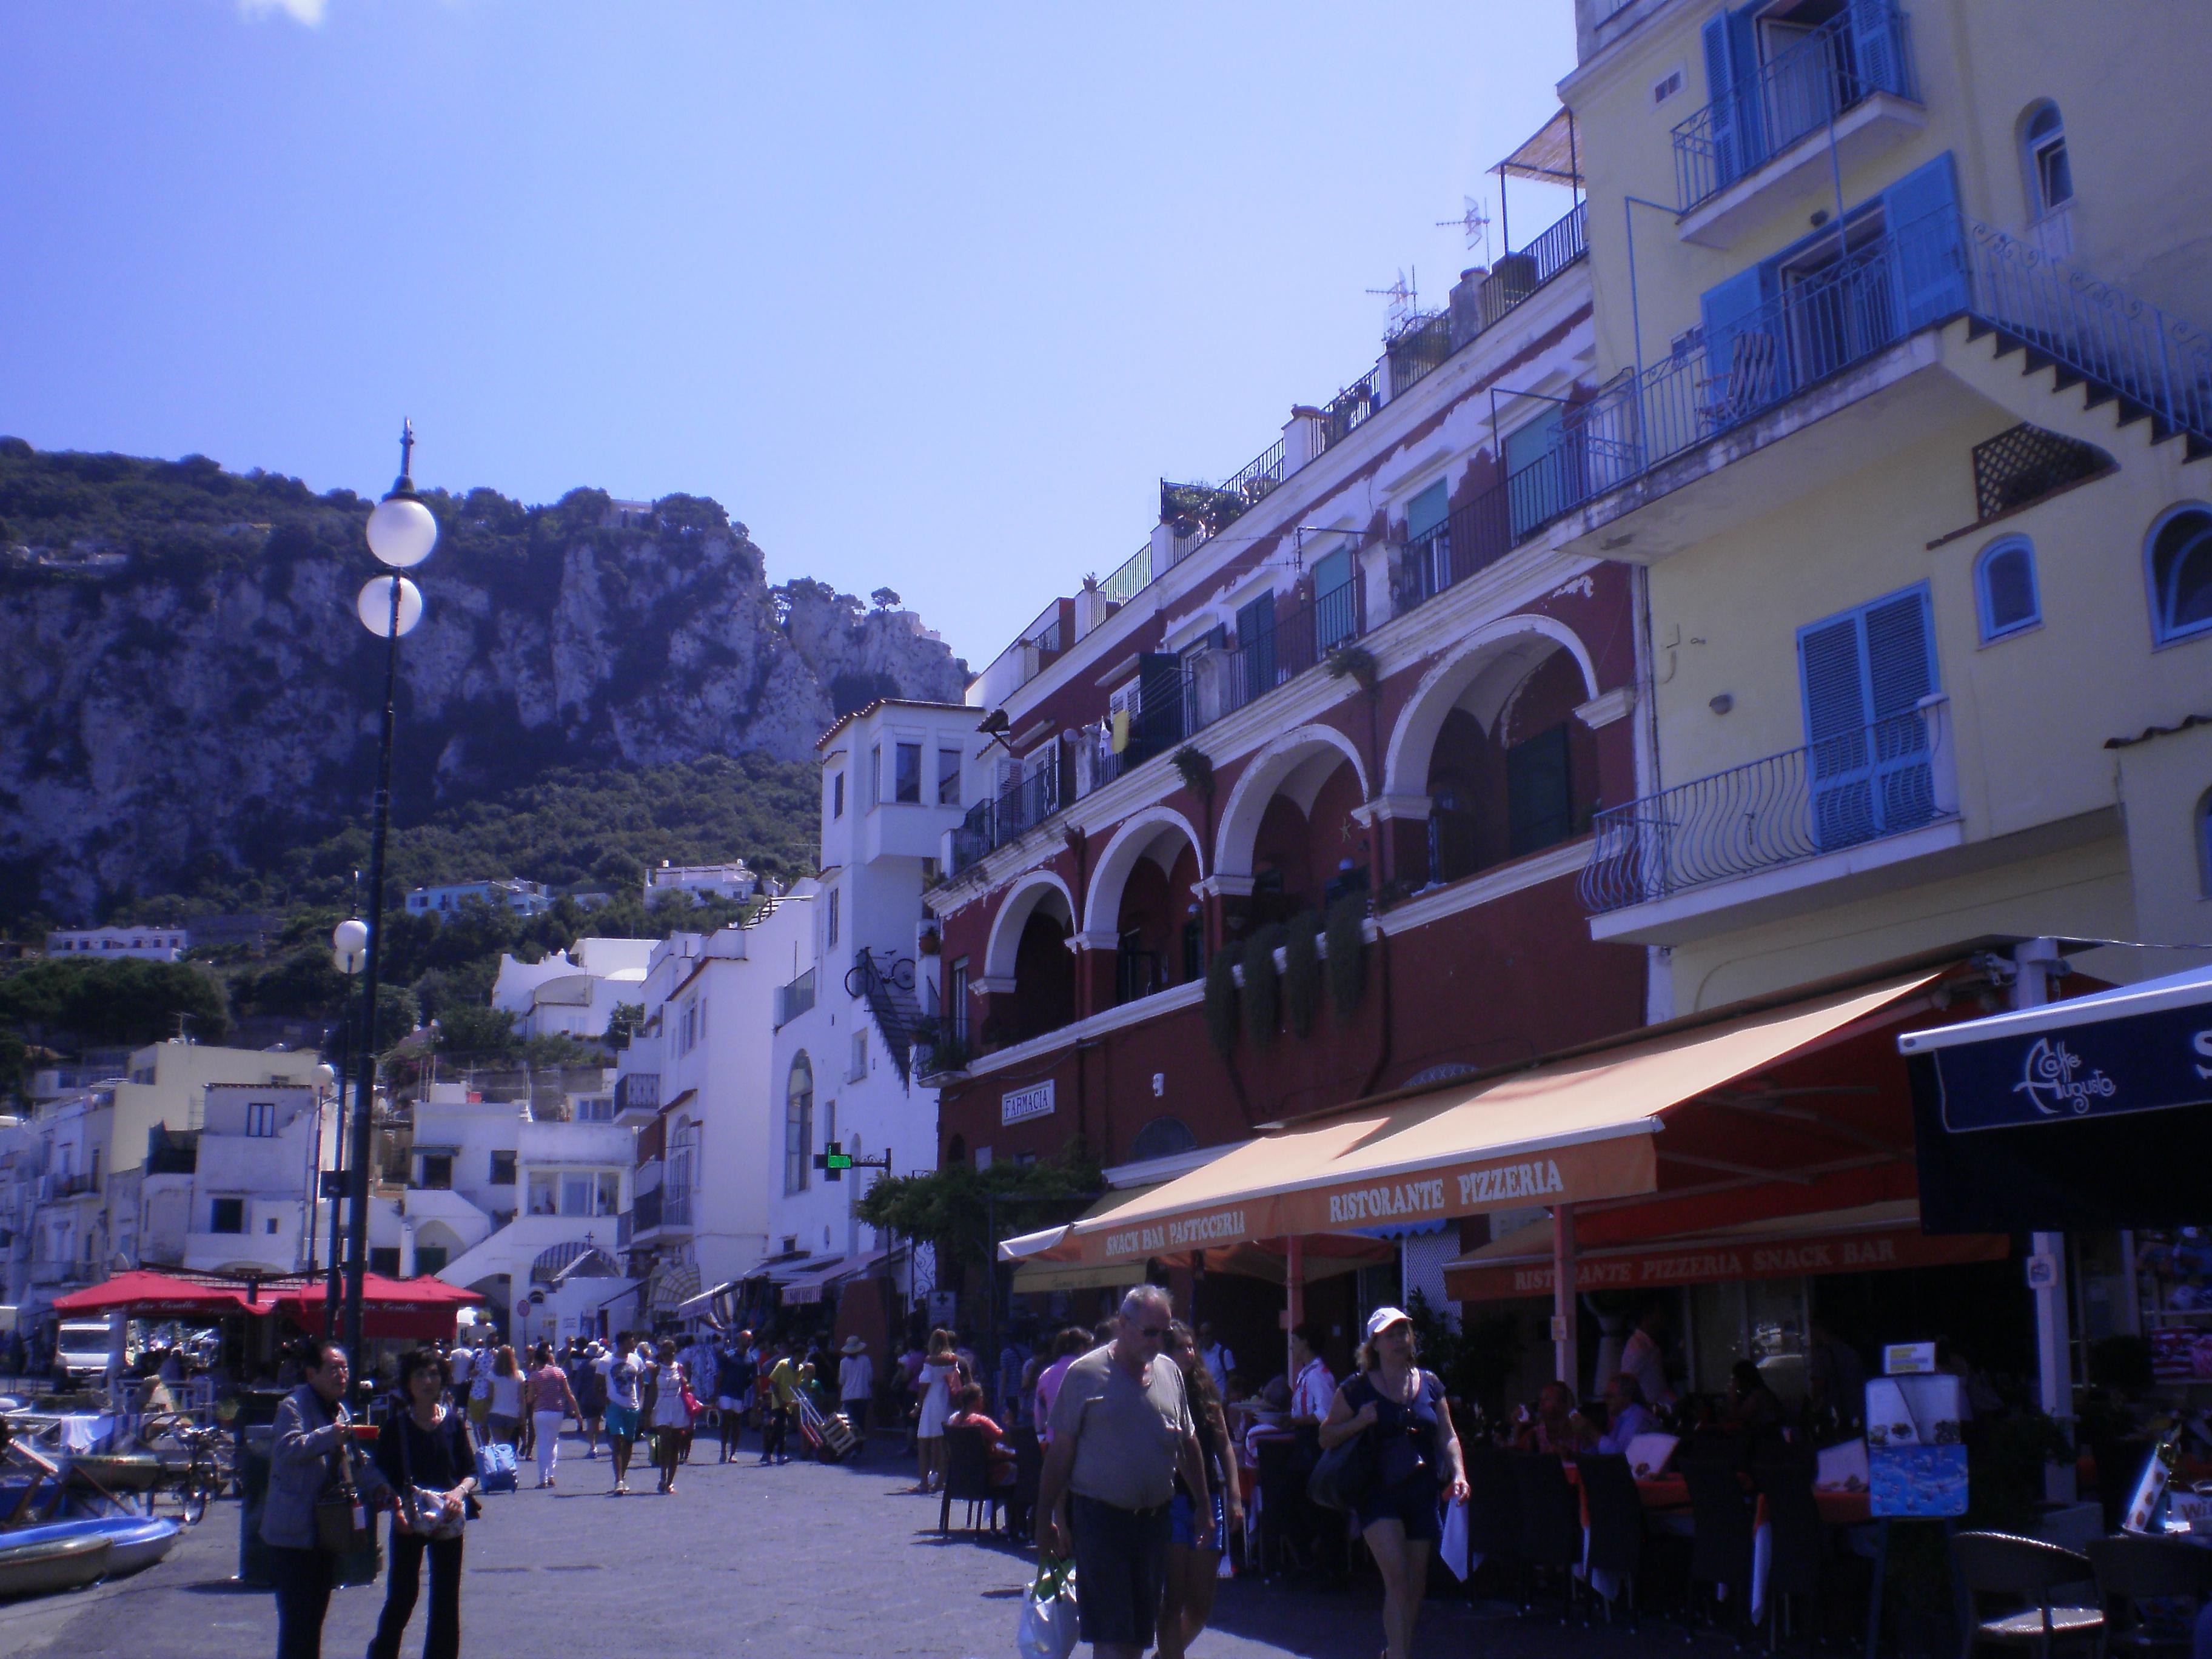 Capri, via Cristofo Colombo